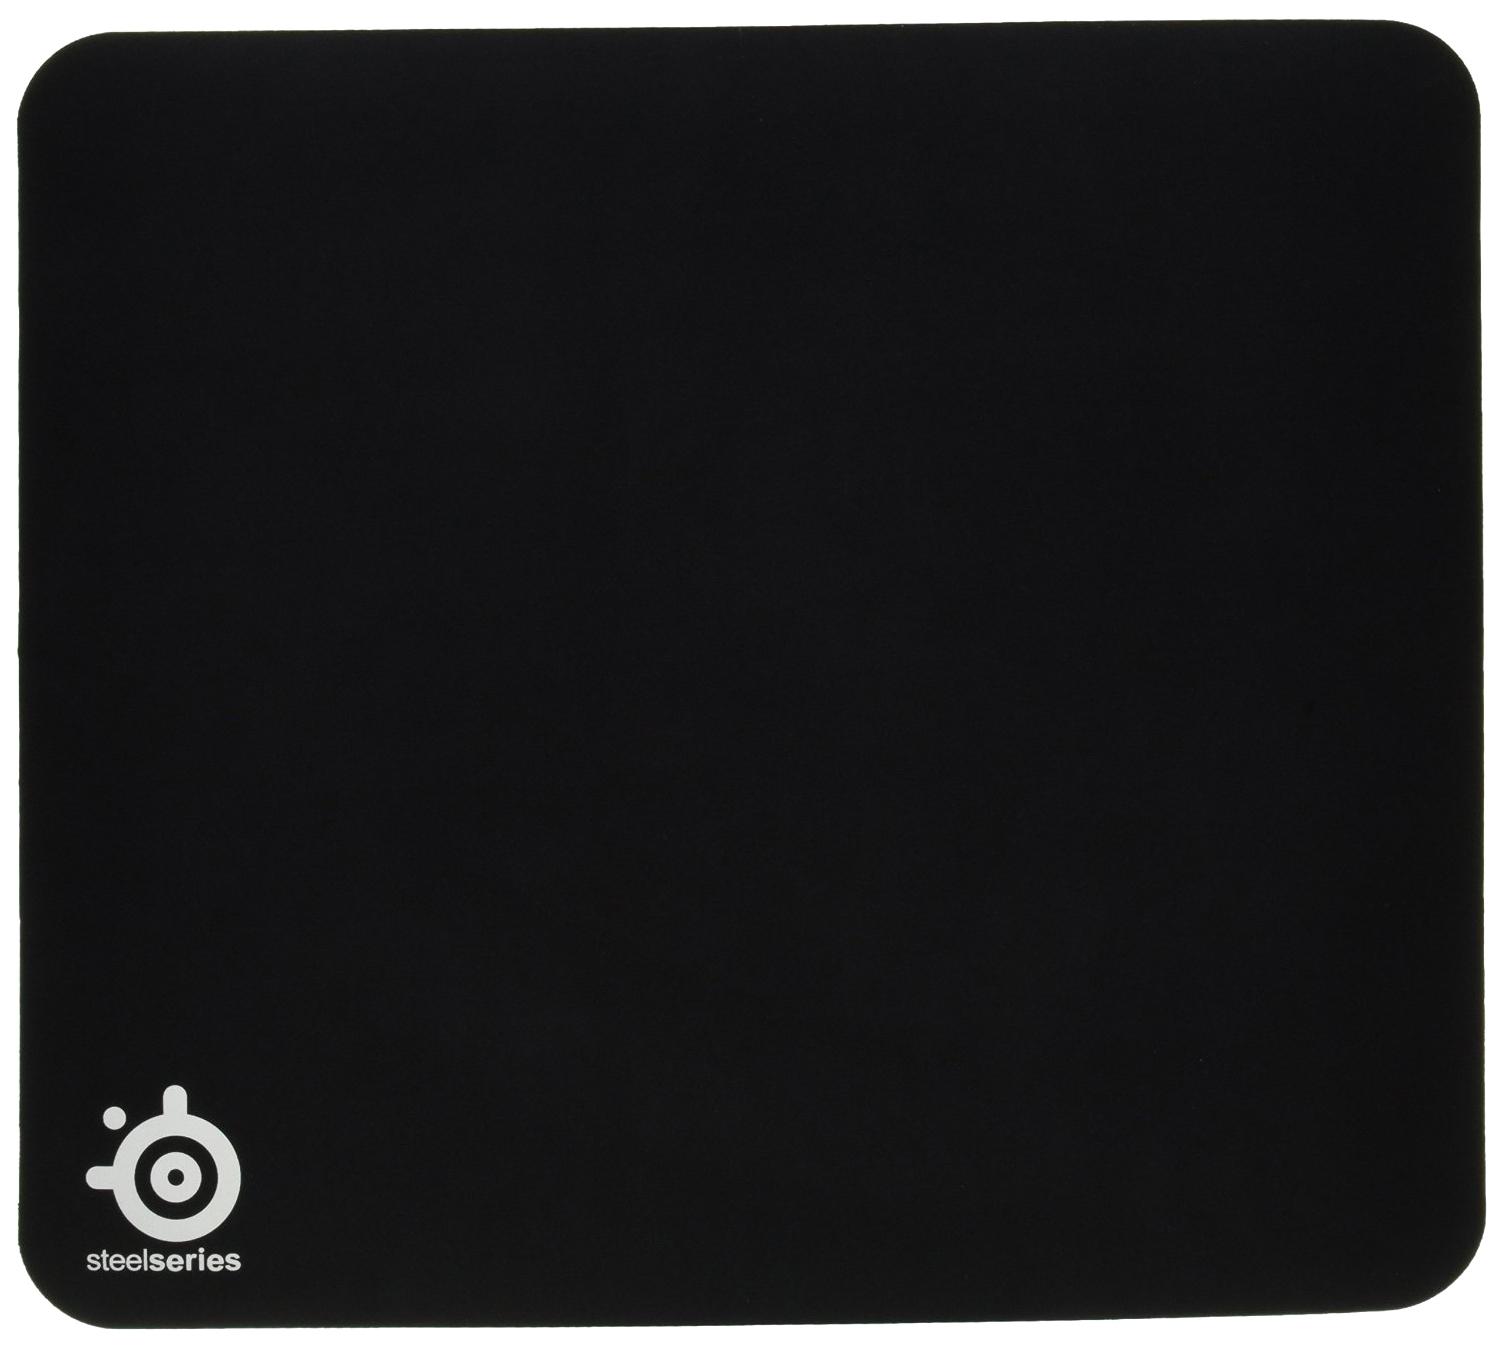 Игровой коврик Steelseries Qck (63004) Qck (63004)